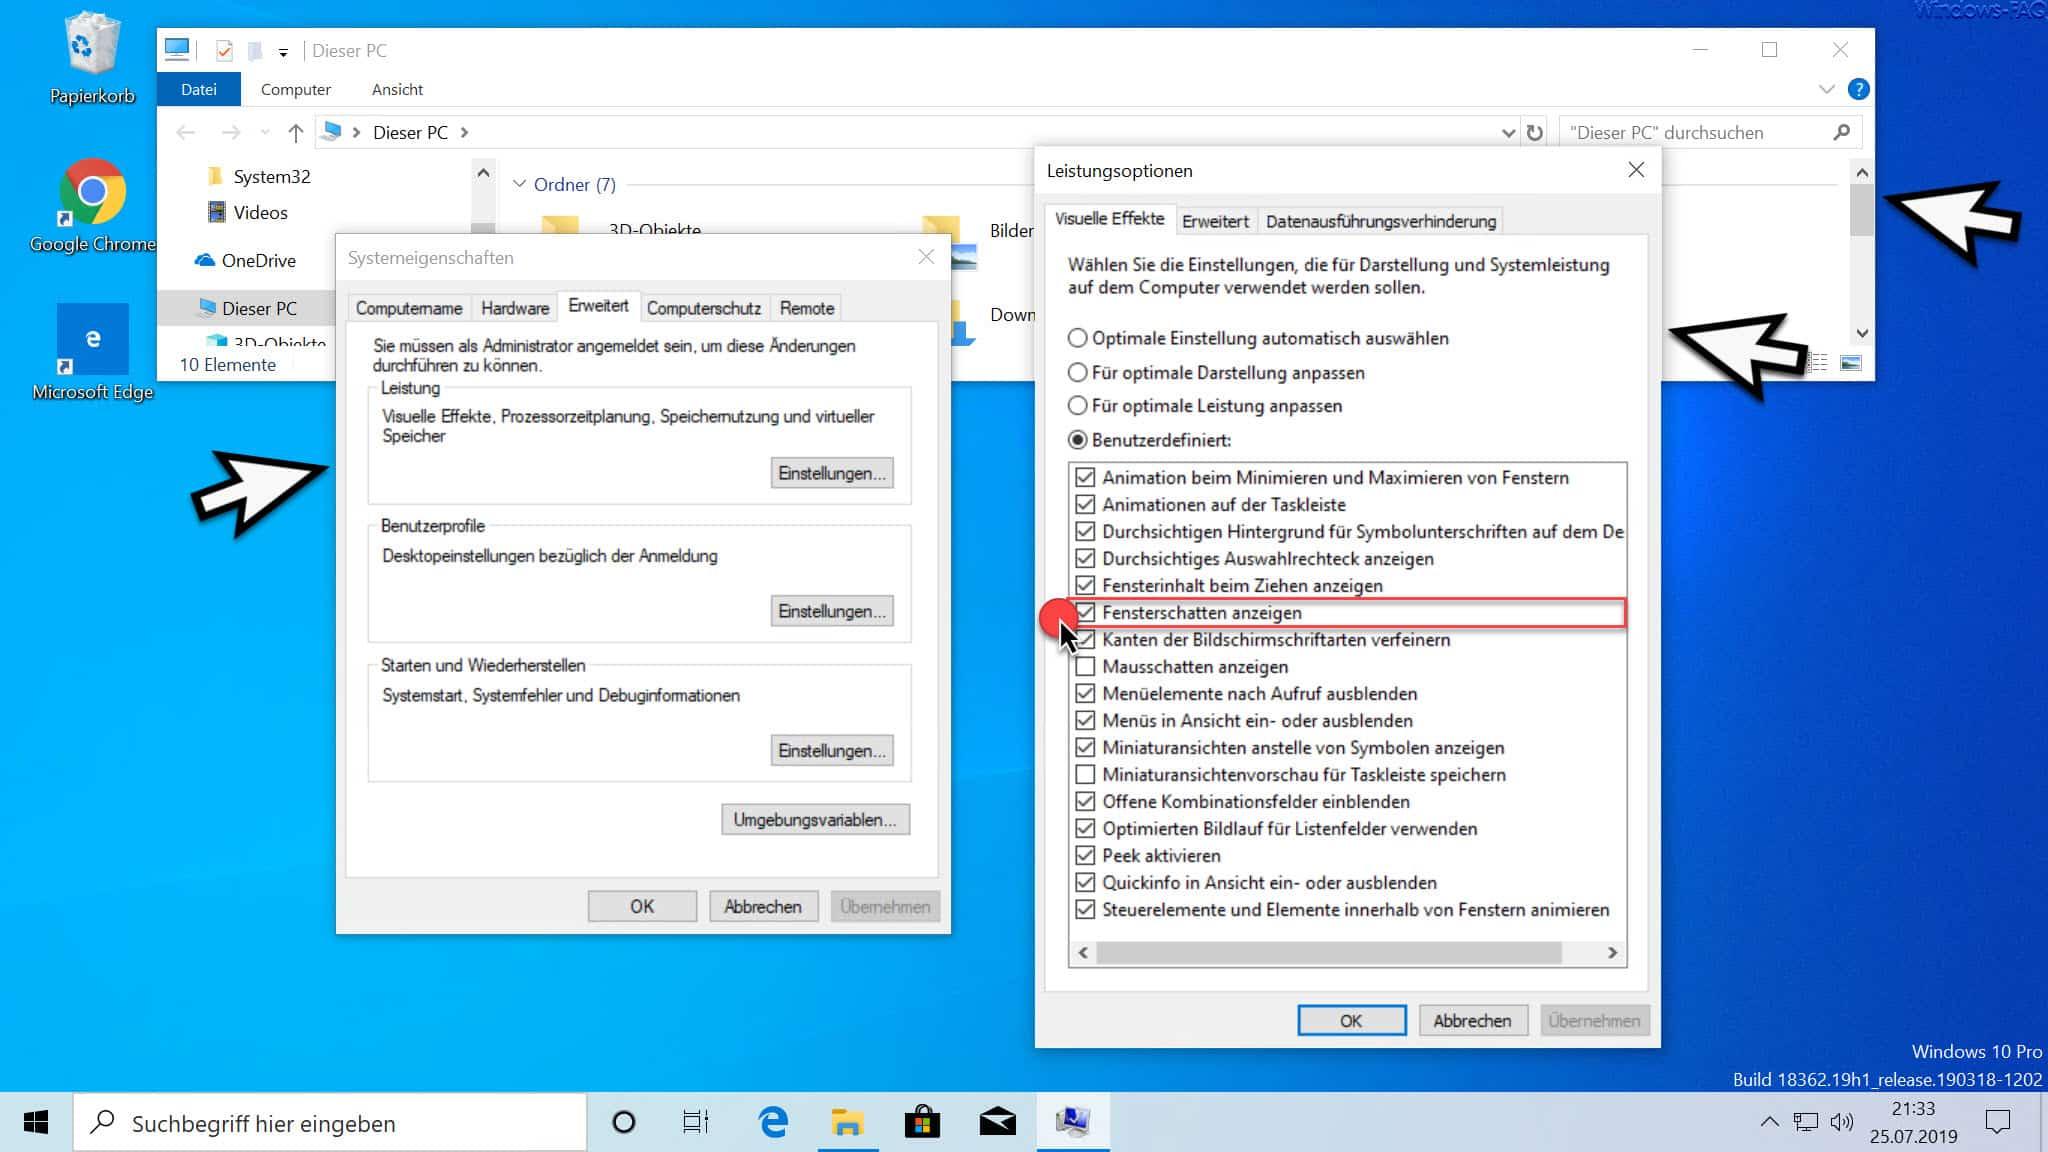 Windows Fensterschatten anzeigen